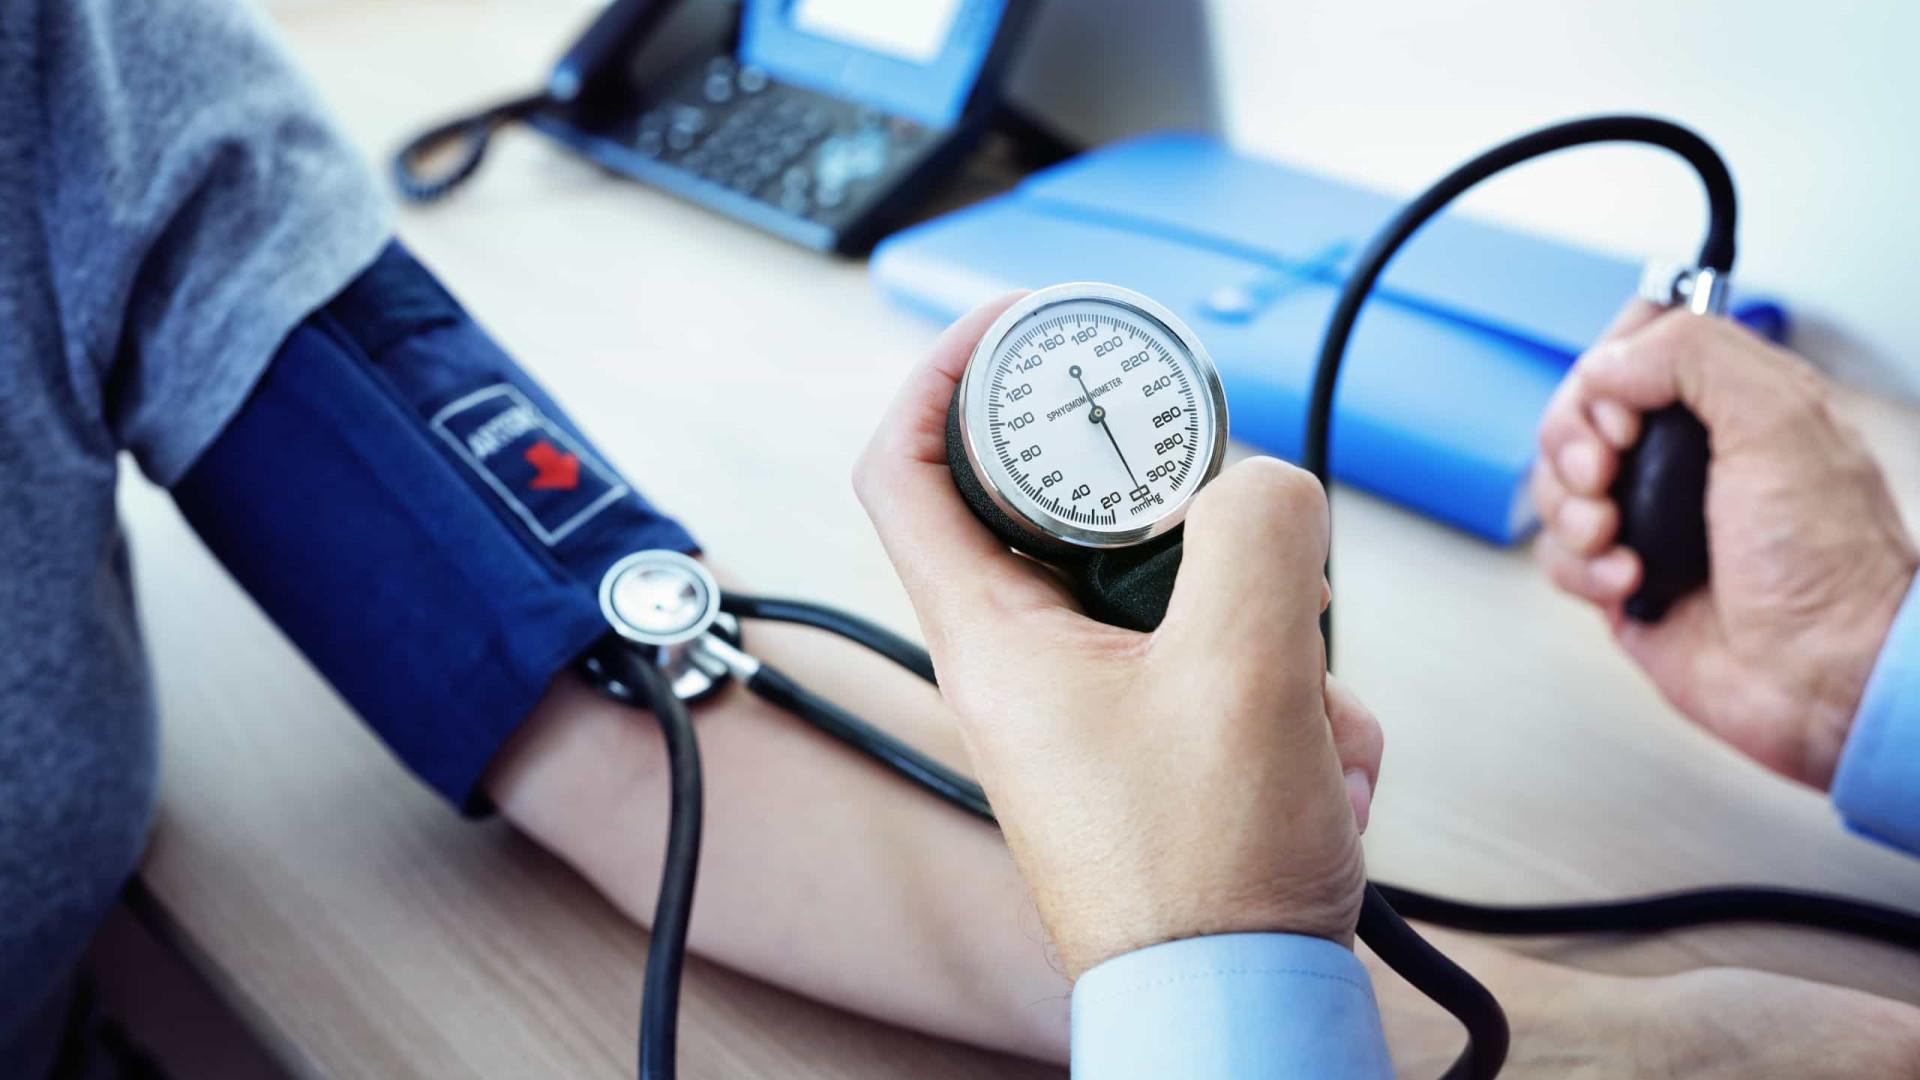 Hipertensão? Quatro maneiras de baixar a pressão arterial